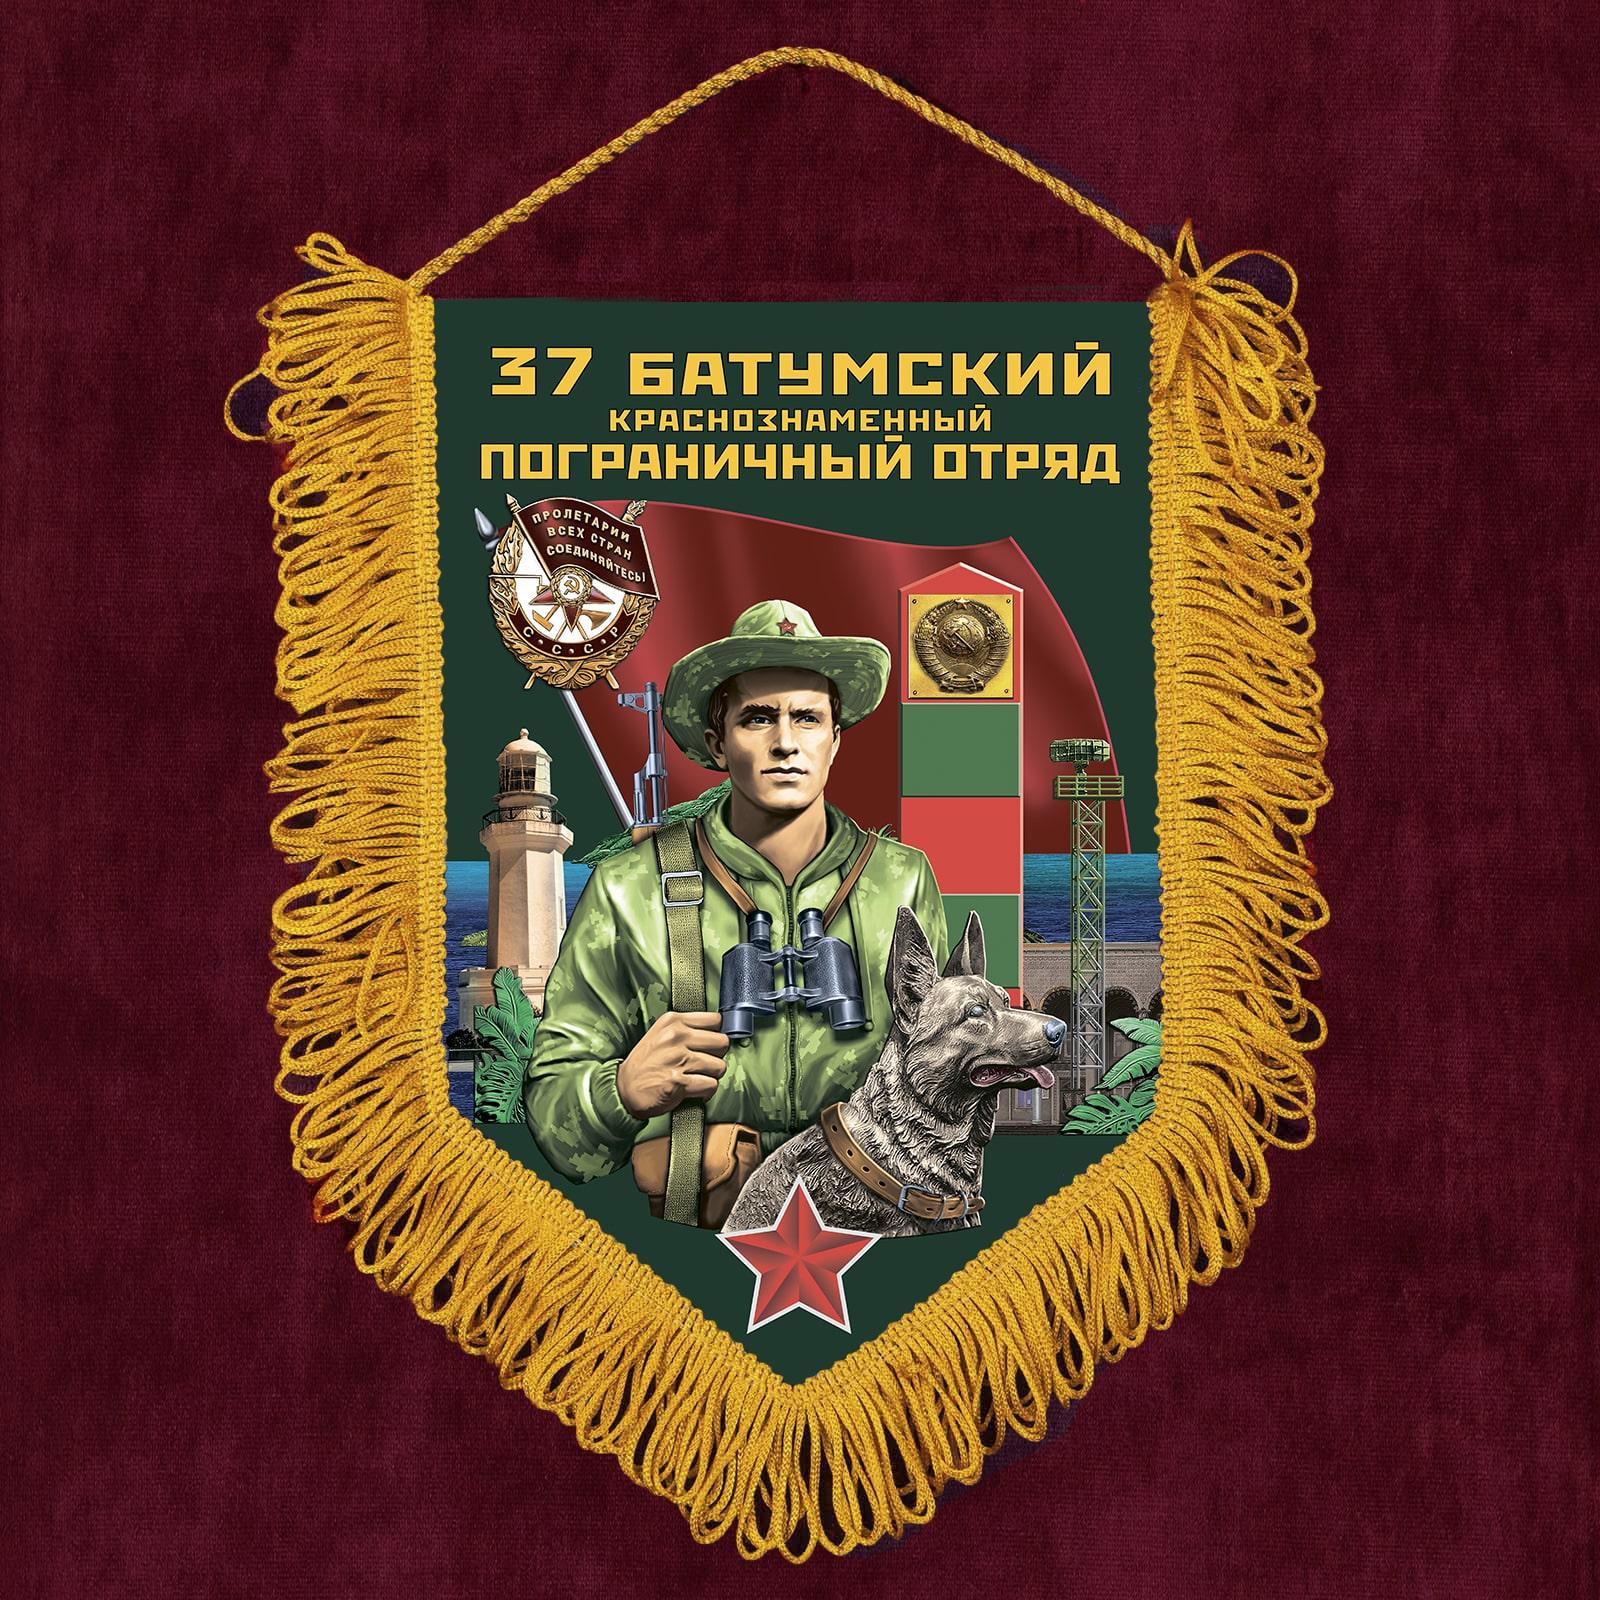 """Памятный вымпел """"37 Батумский пограничный отряд"""""""